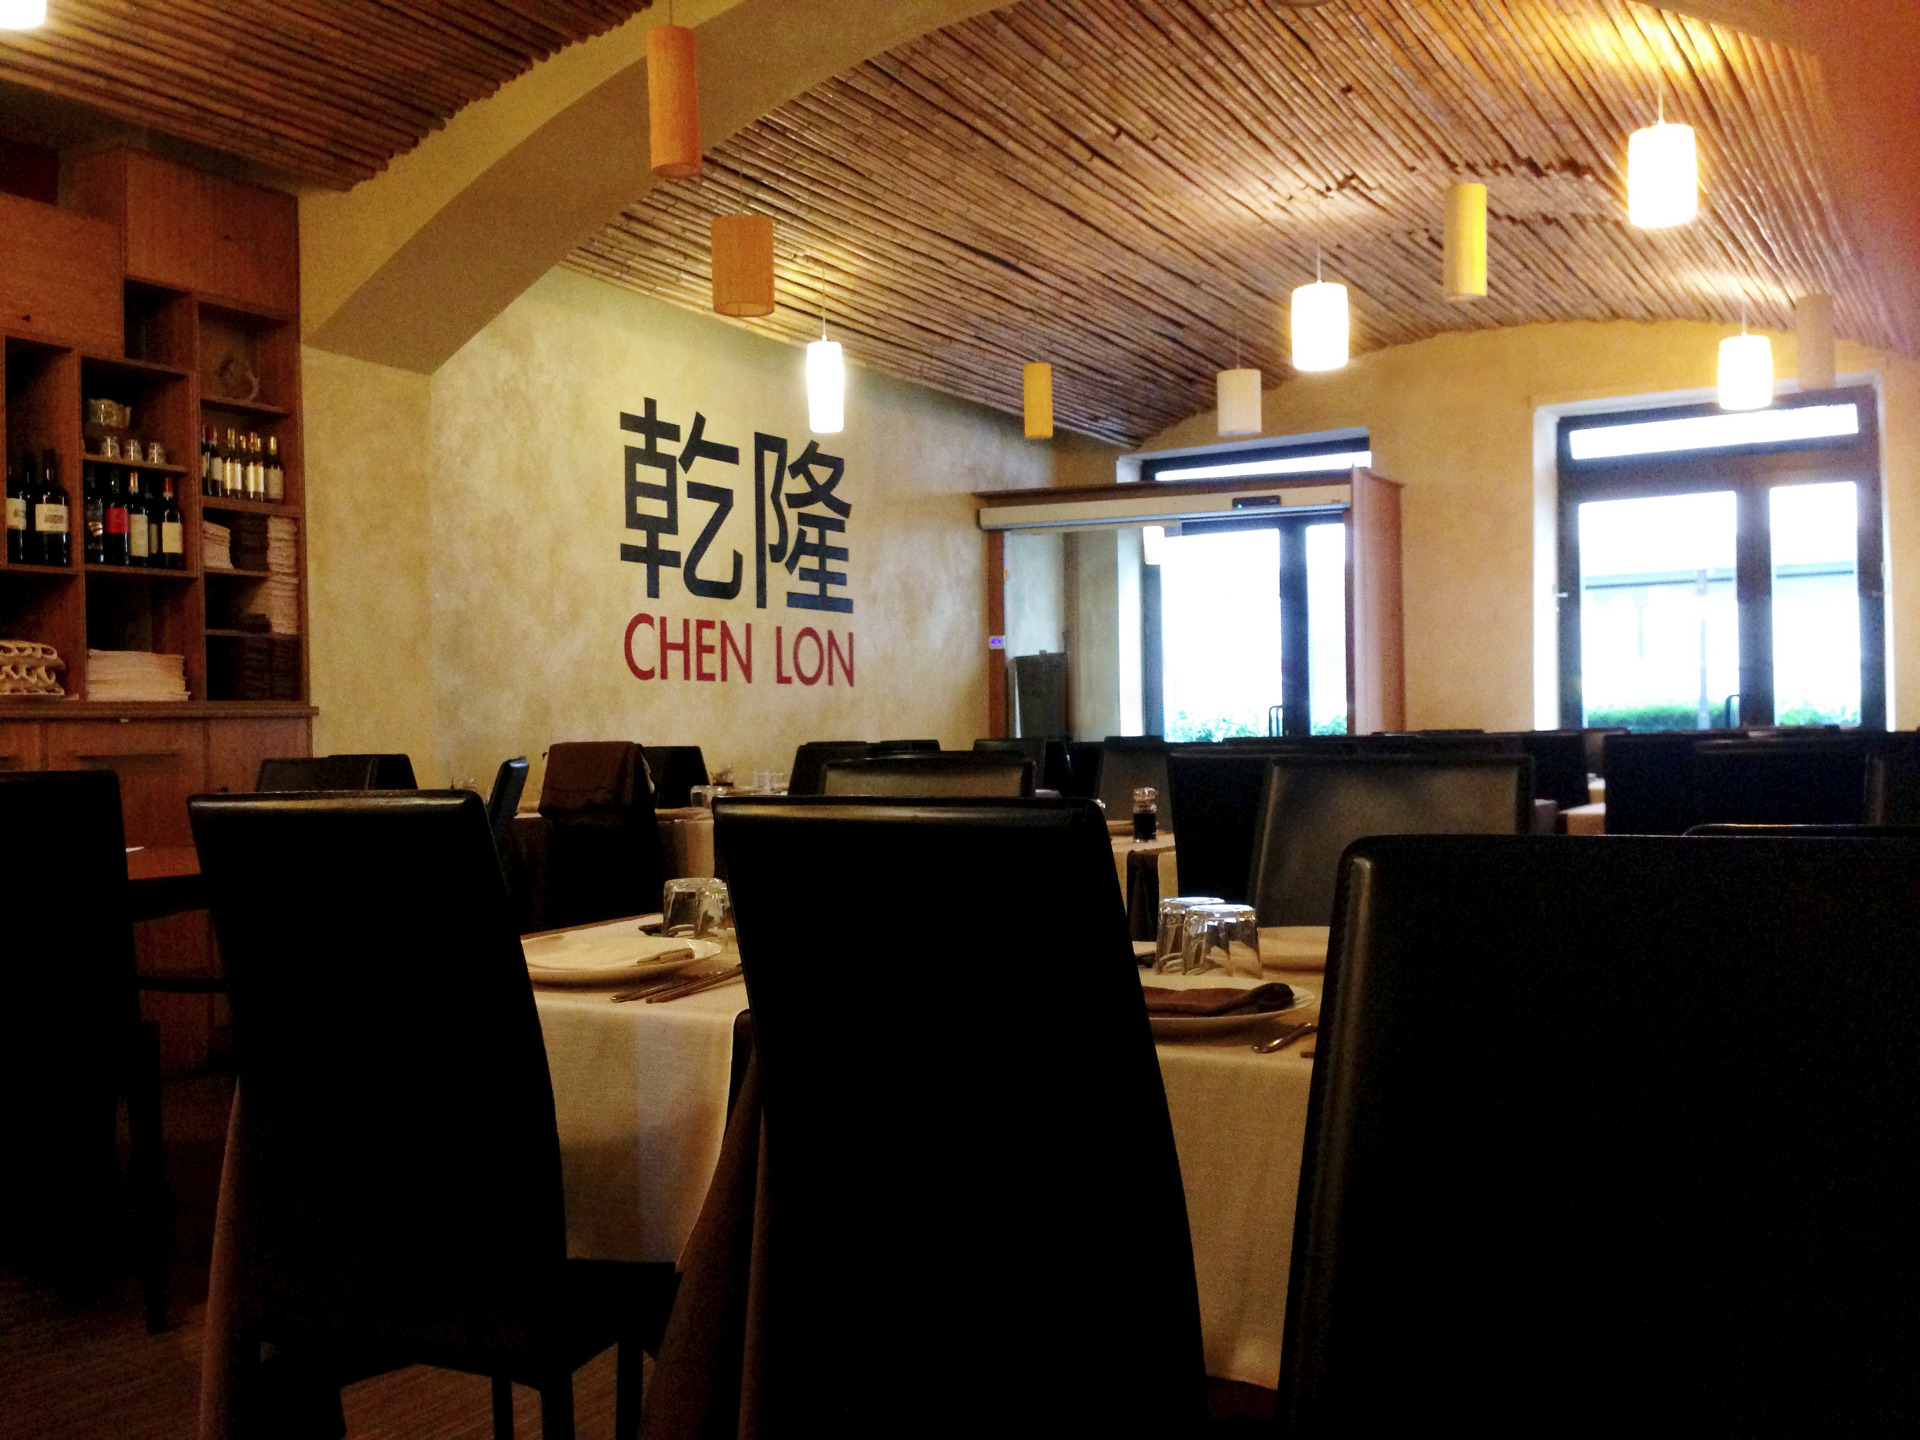 I migliori ristoranti cinesi di Torino: Chen Lon